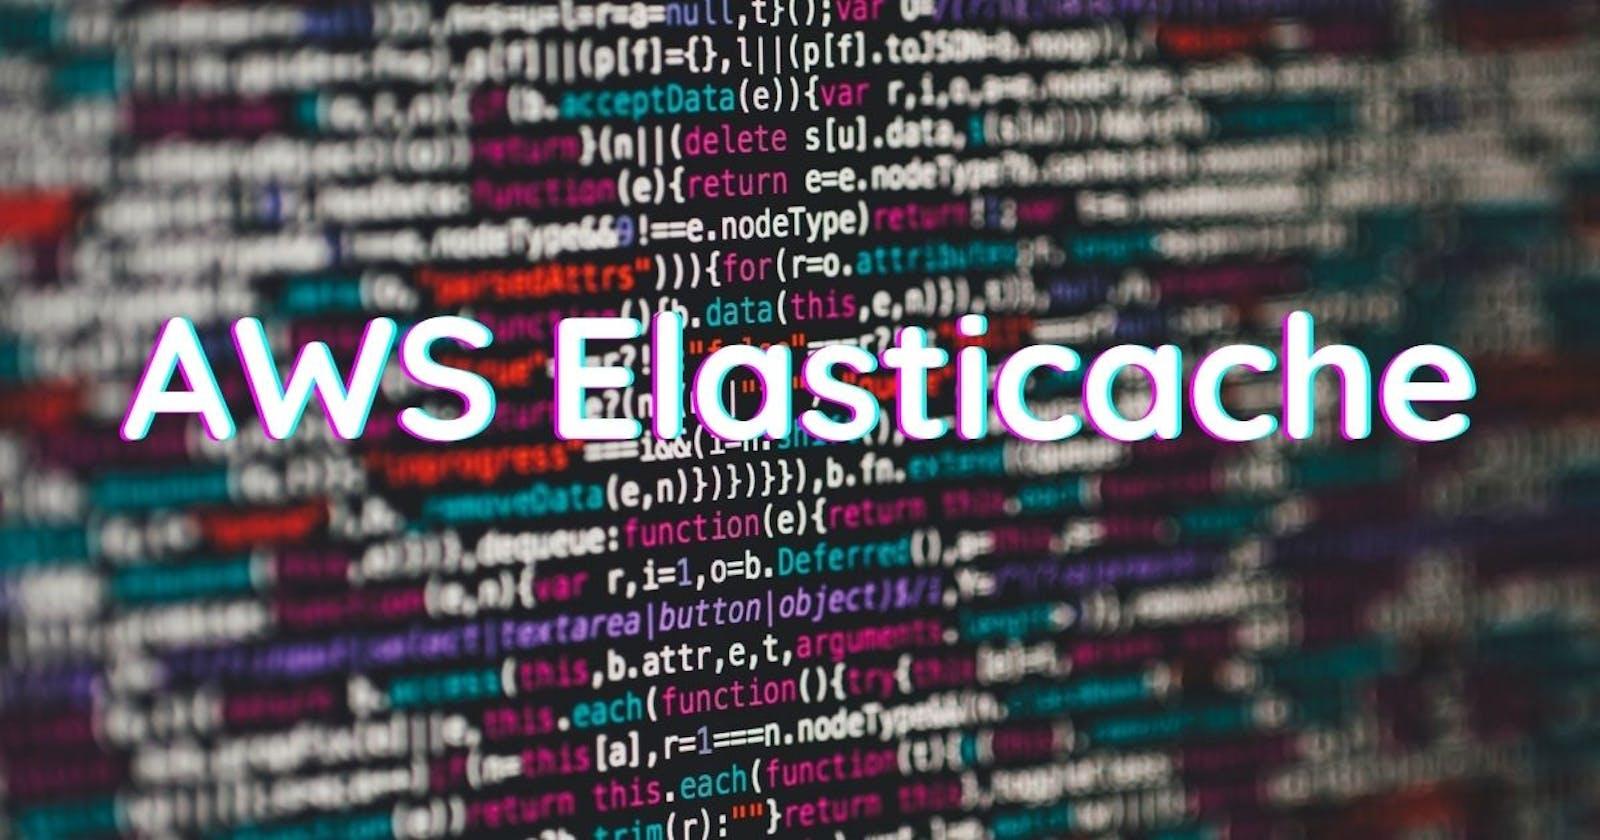 Qué ofrece y cómo se configura ElastiCache en AWS?